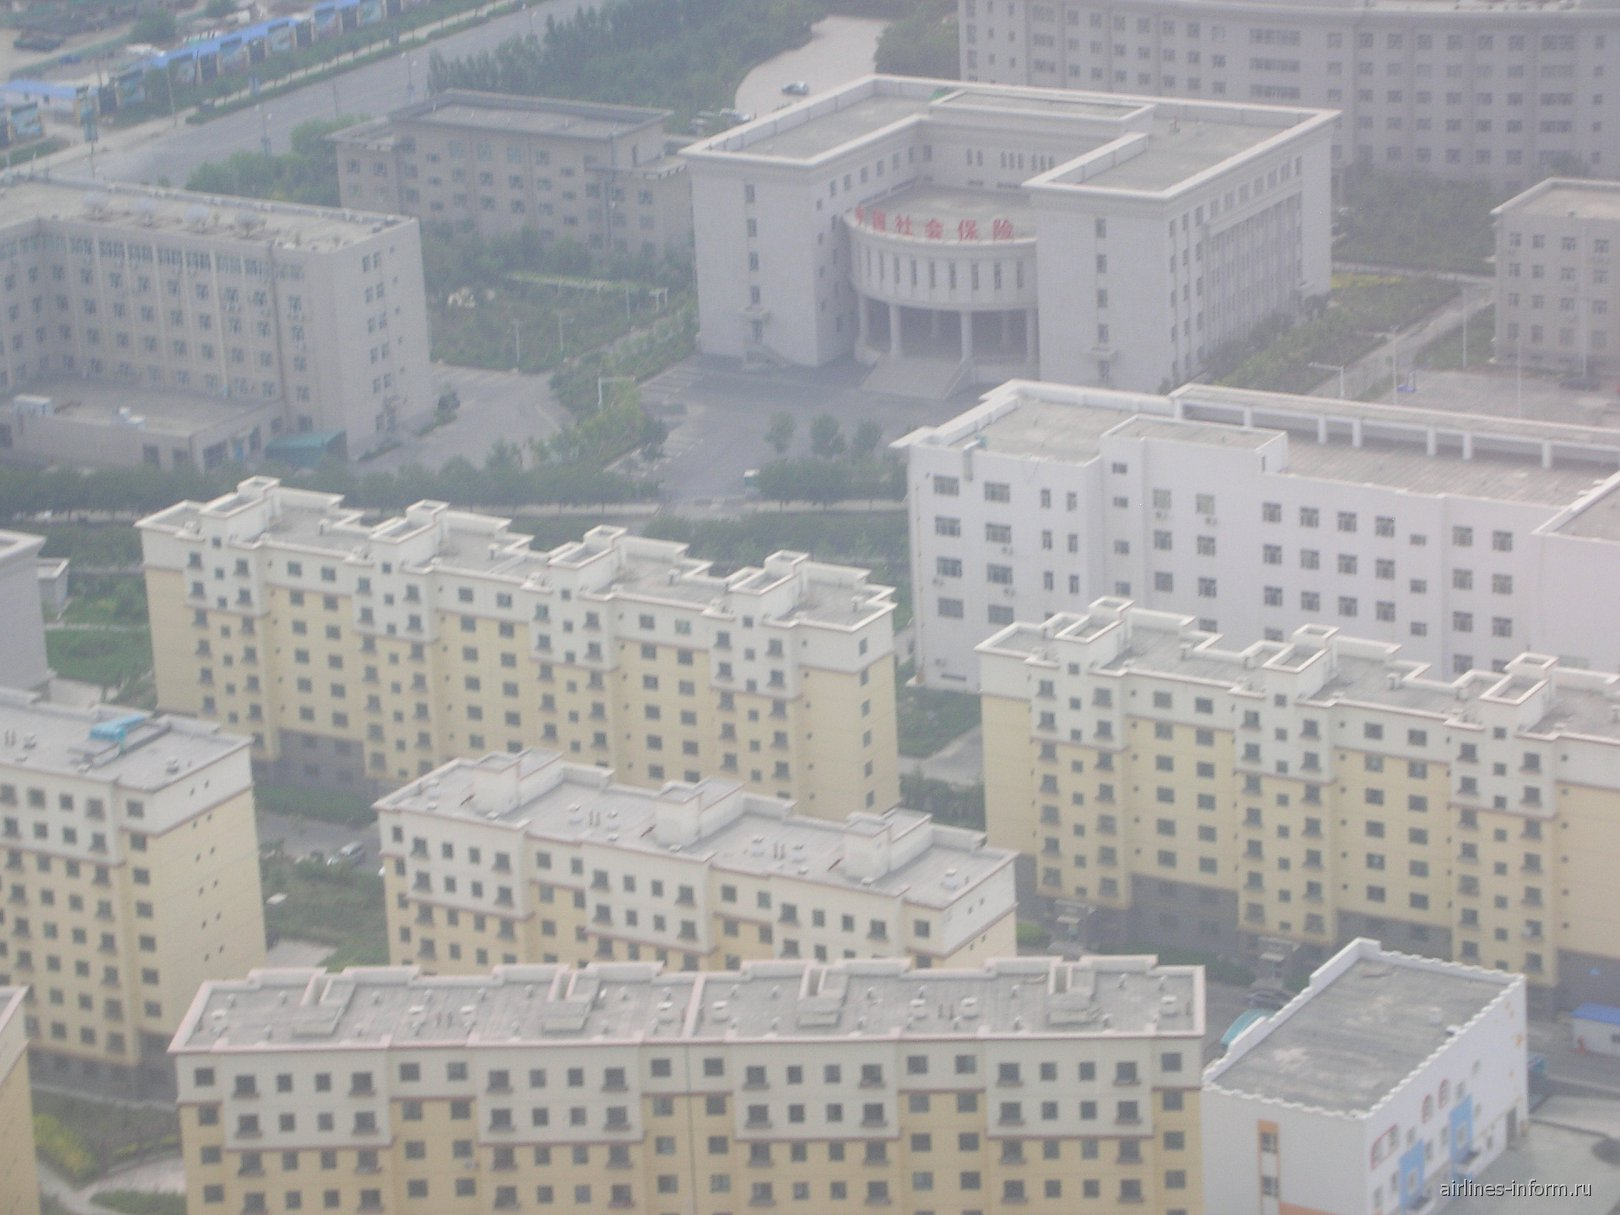 Город Урумчи в Китае